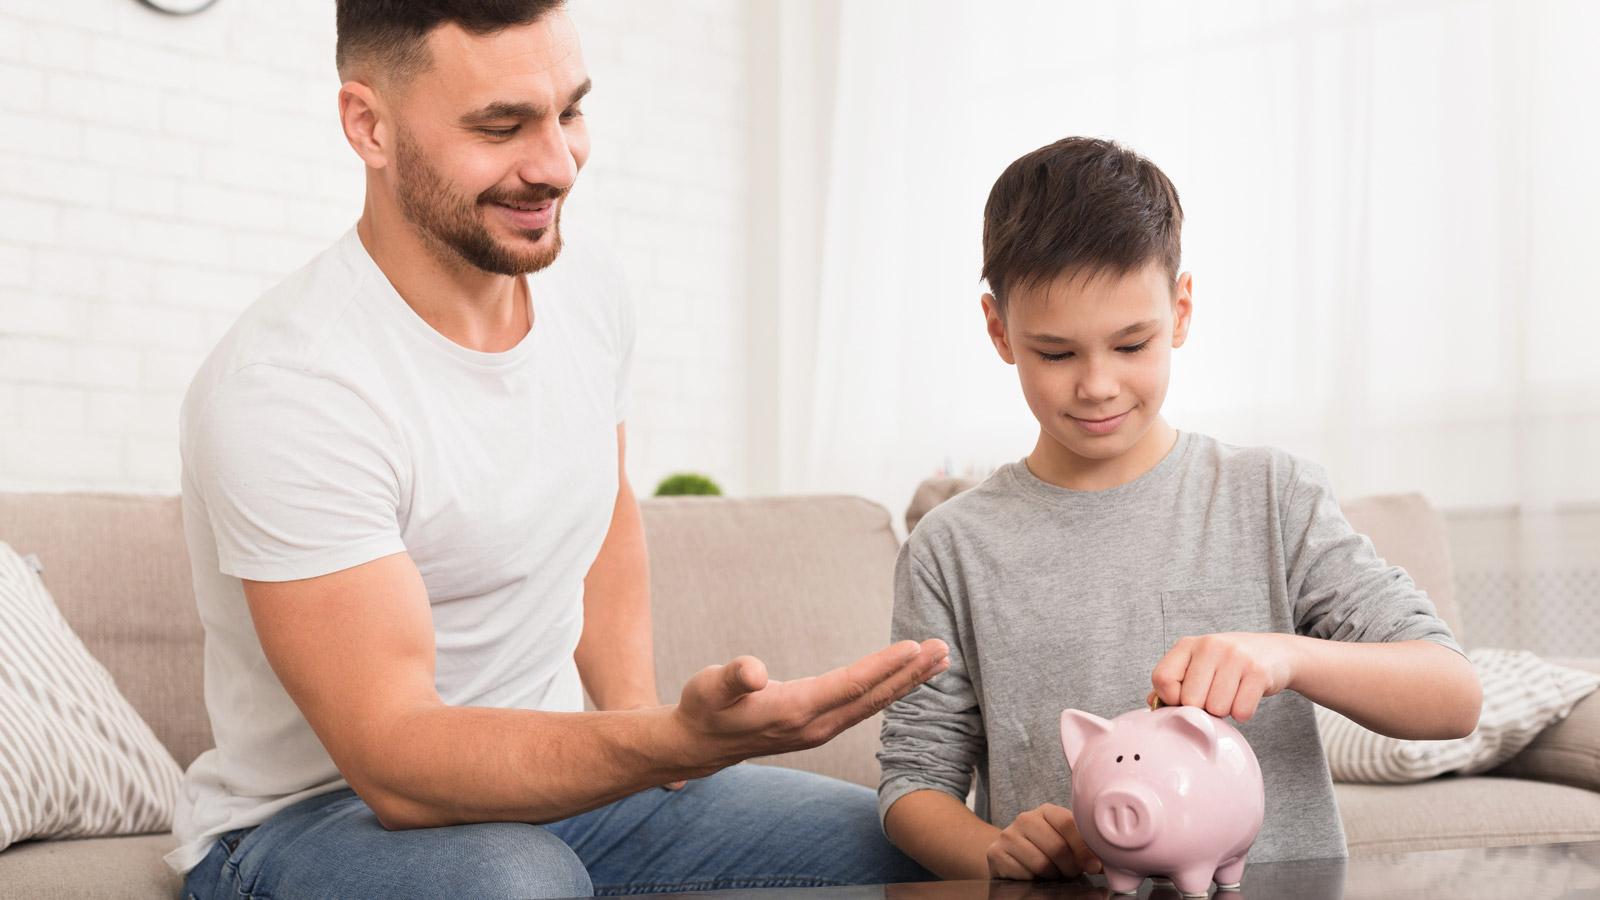 Polacy boją się o dochody i ograniczają wydatki [RAPORT] Konsumenci mediarun oszczednosc pieniadze finanse 2020